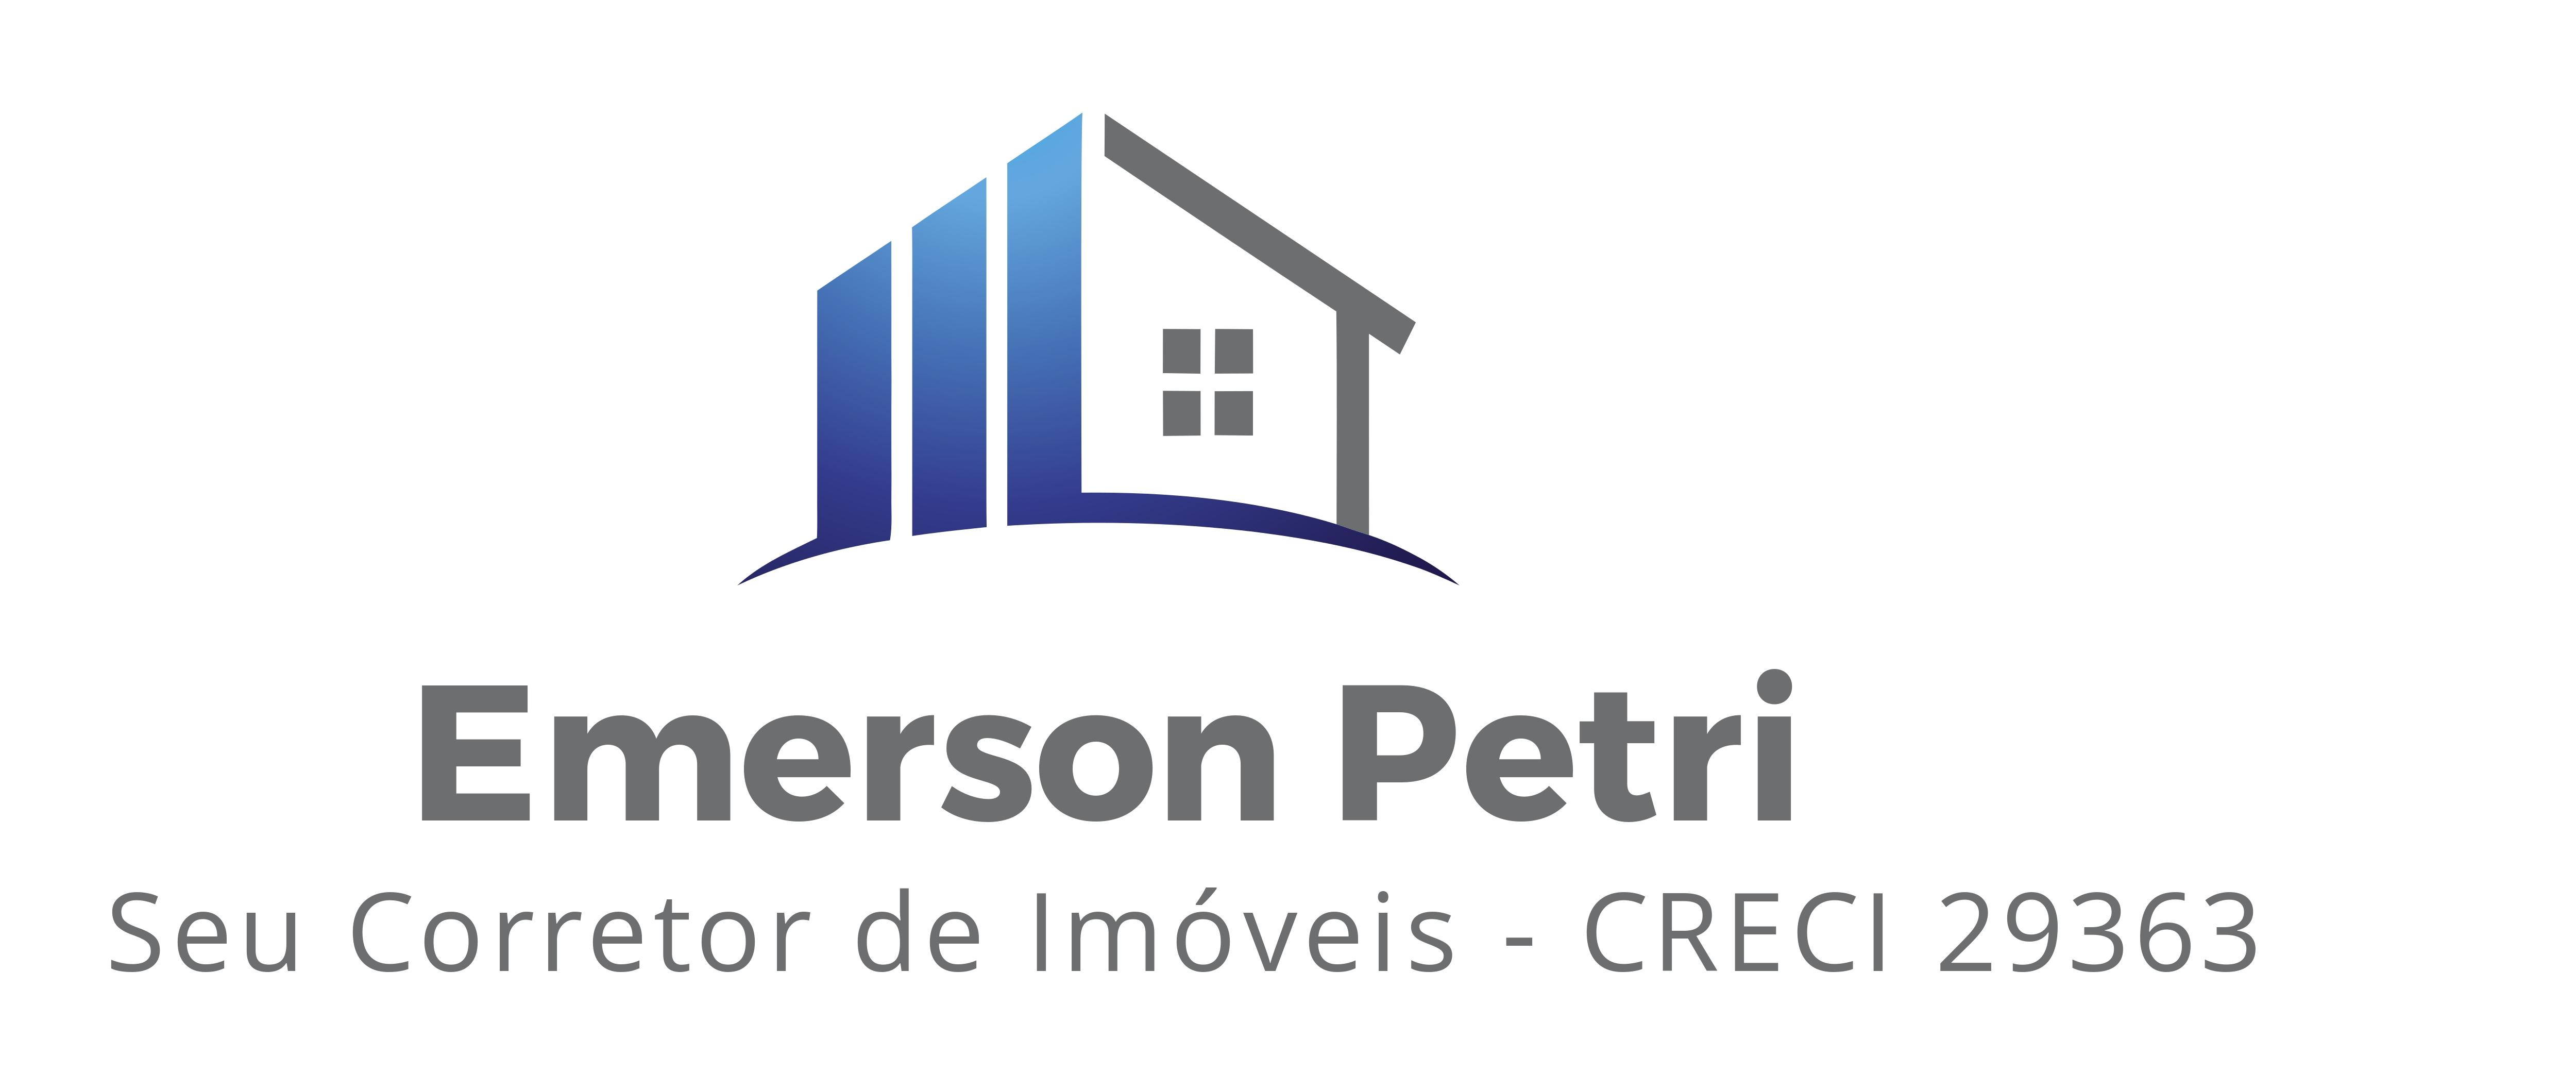 Emerson Petri - Seu Corretor de Imóveis